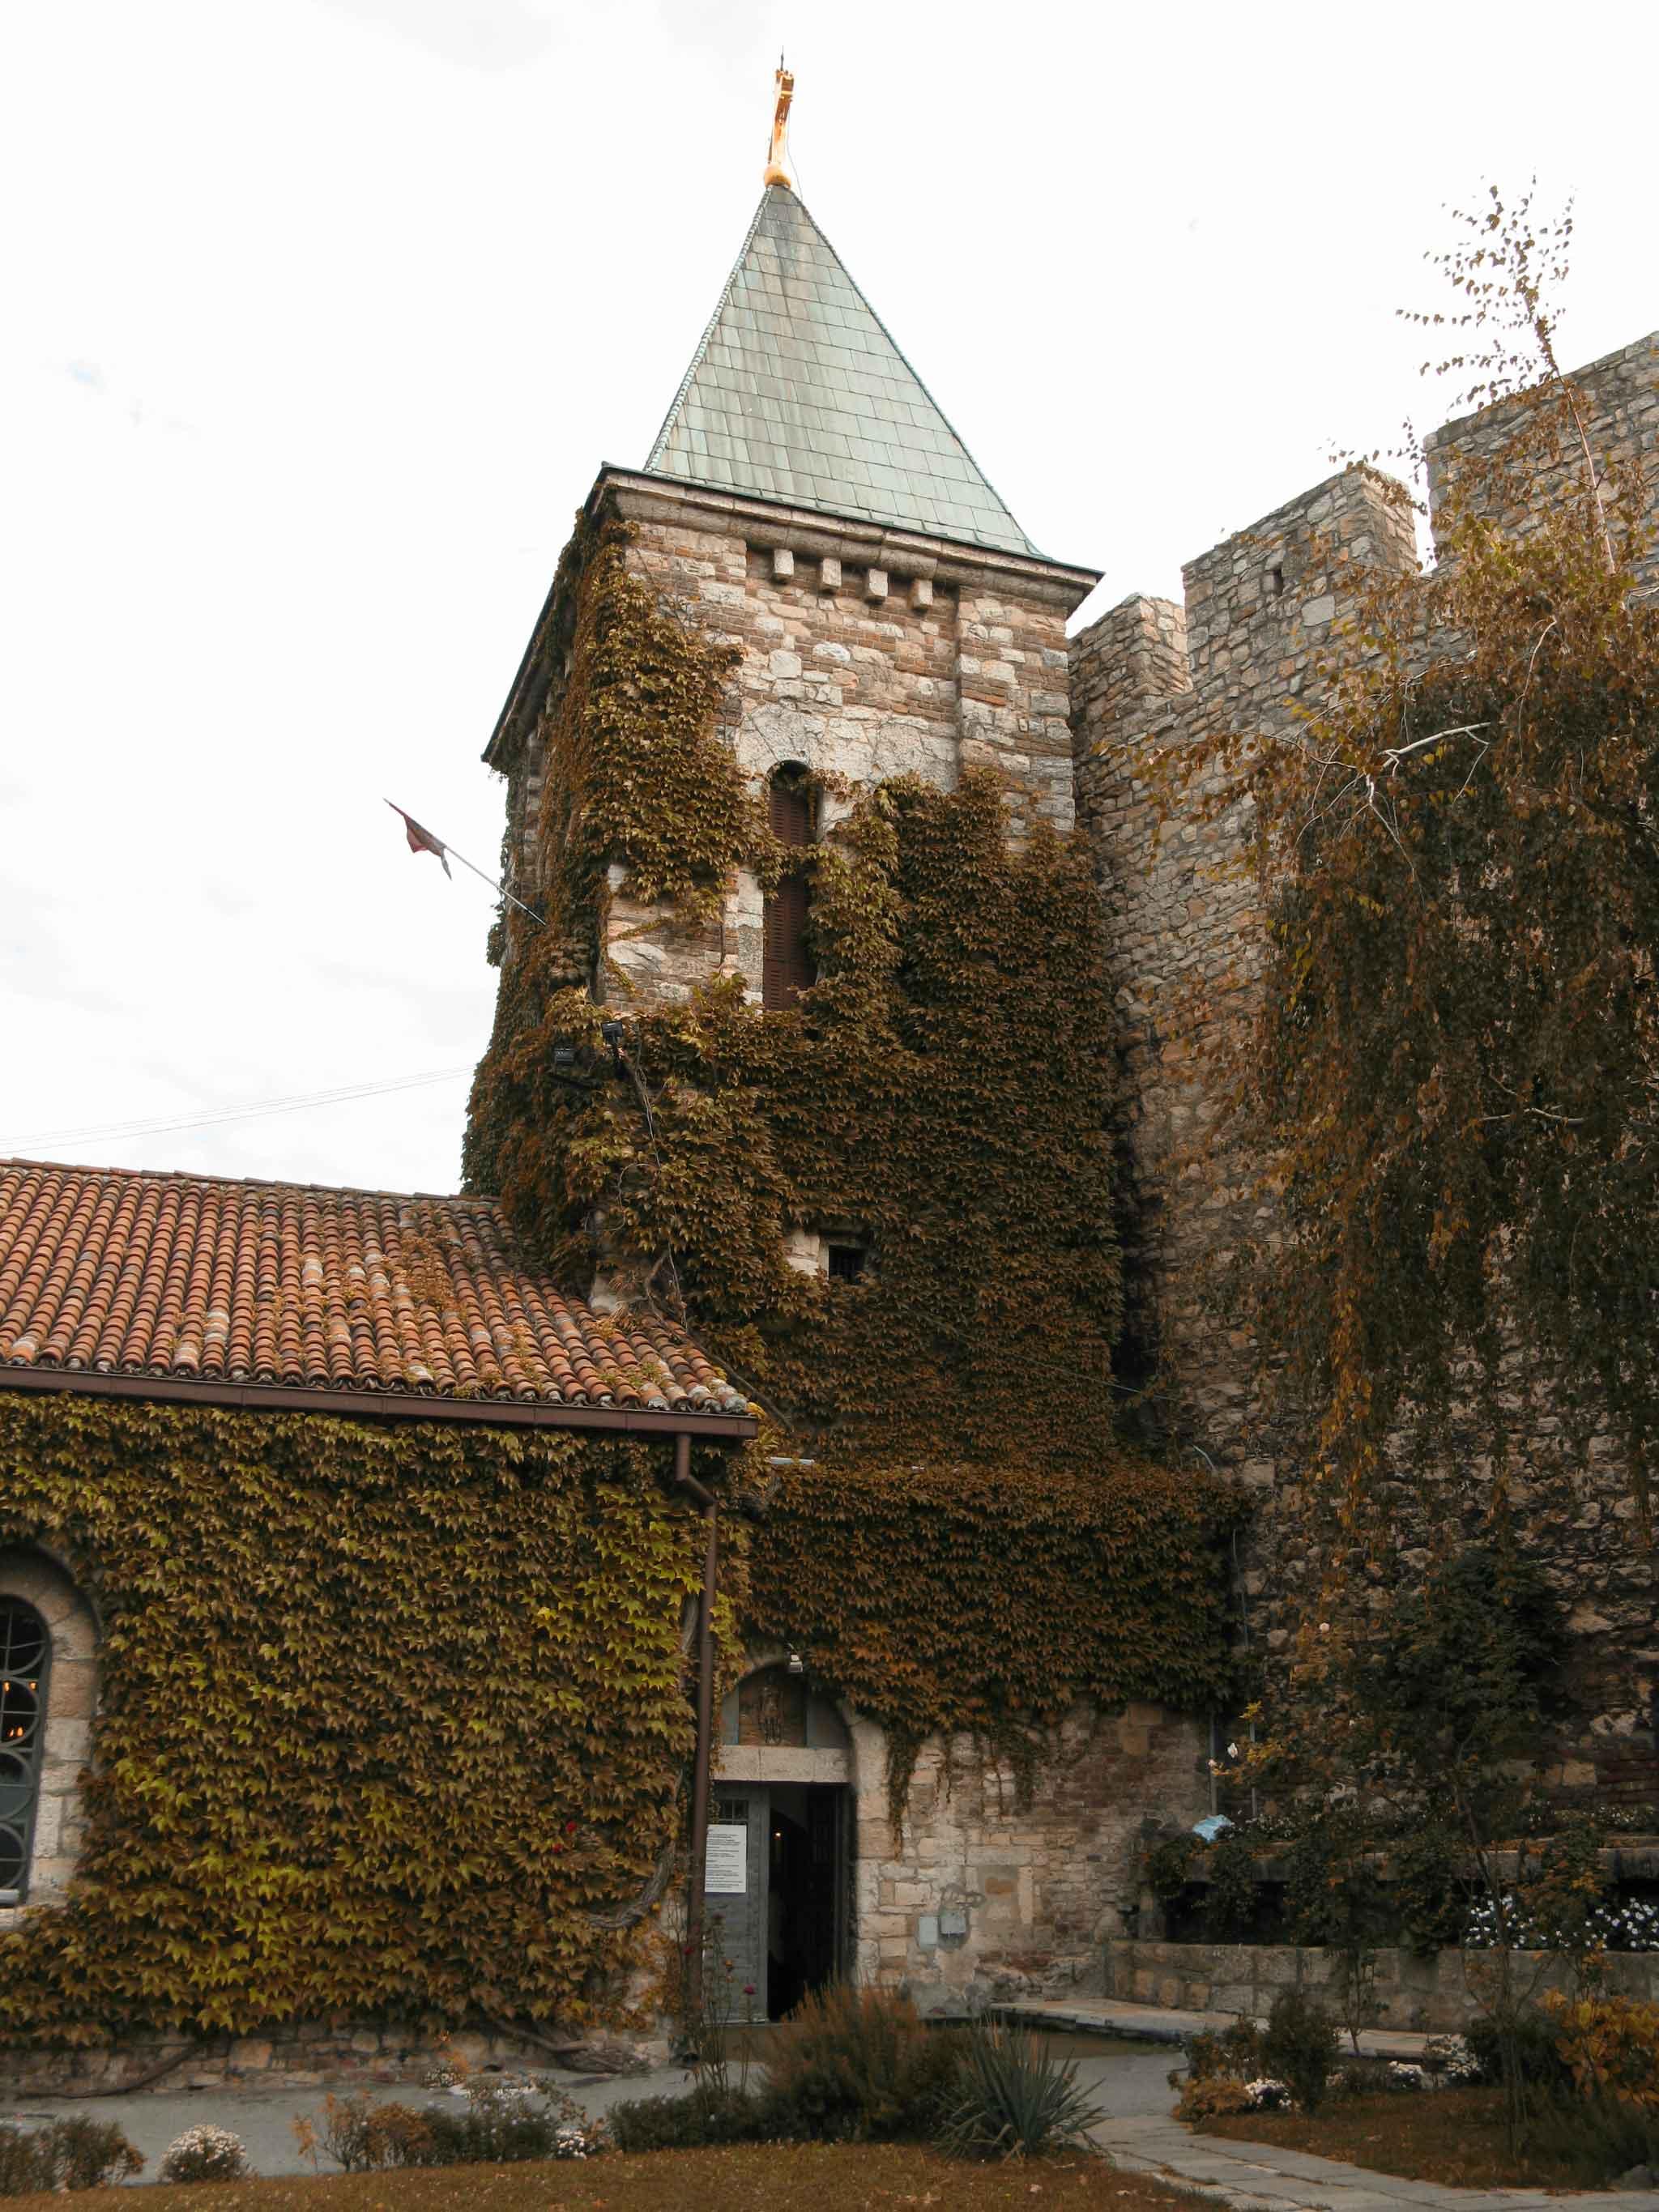 Église Orthodoxe couverte de feuillage, adossée à un rempart